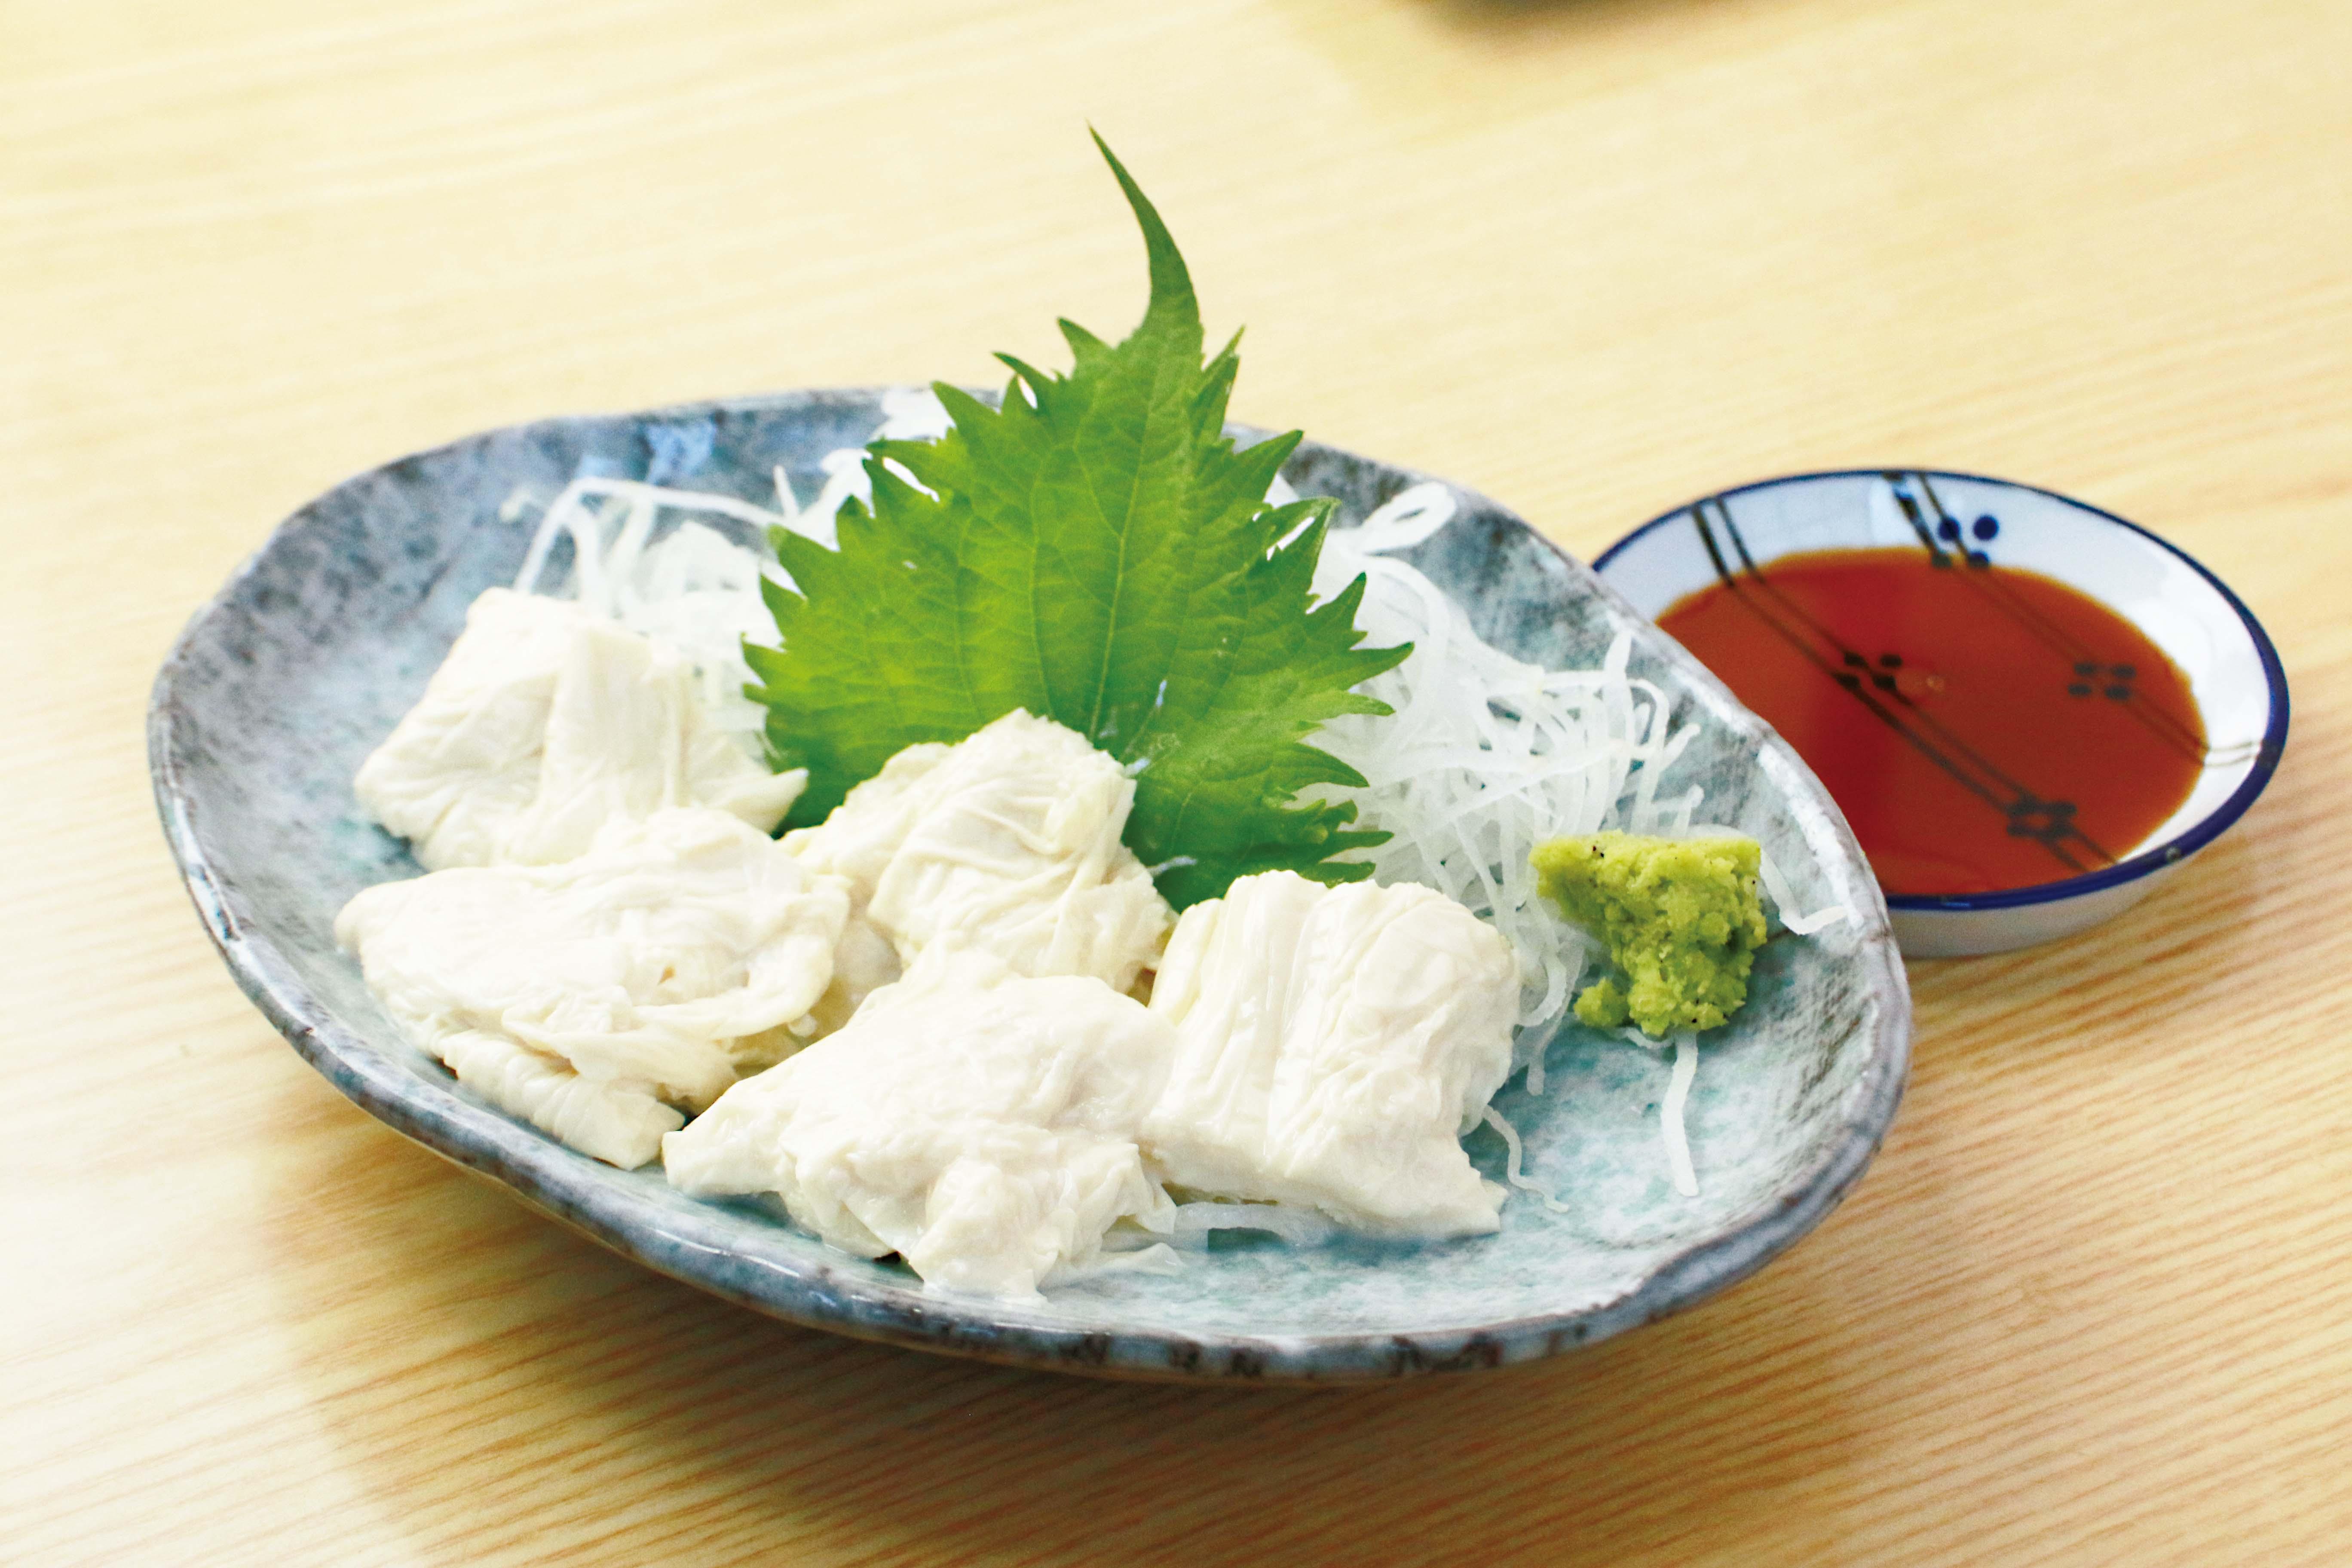 生湯葉の刺身 680円 濃厚な味わい。つまみに大人気!